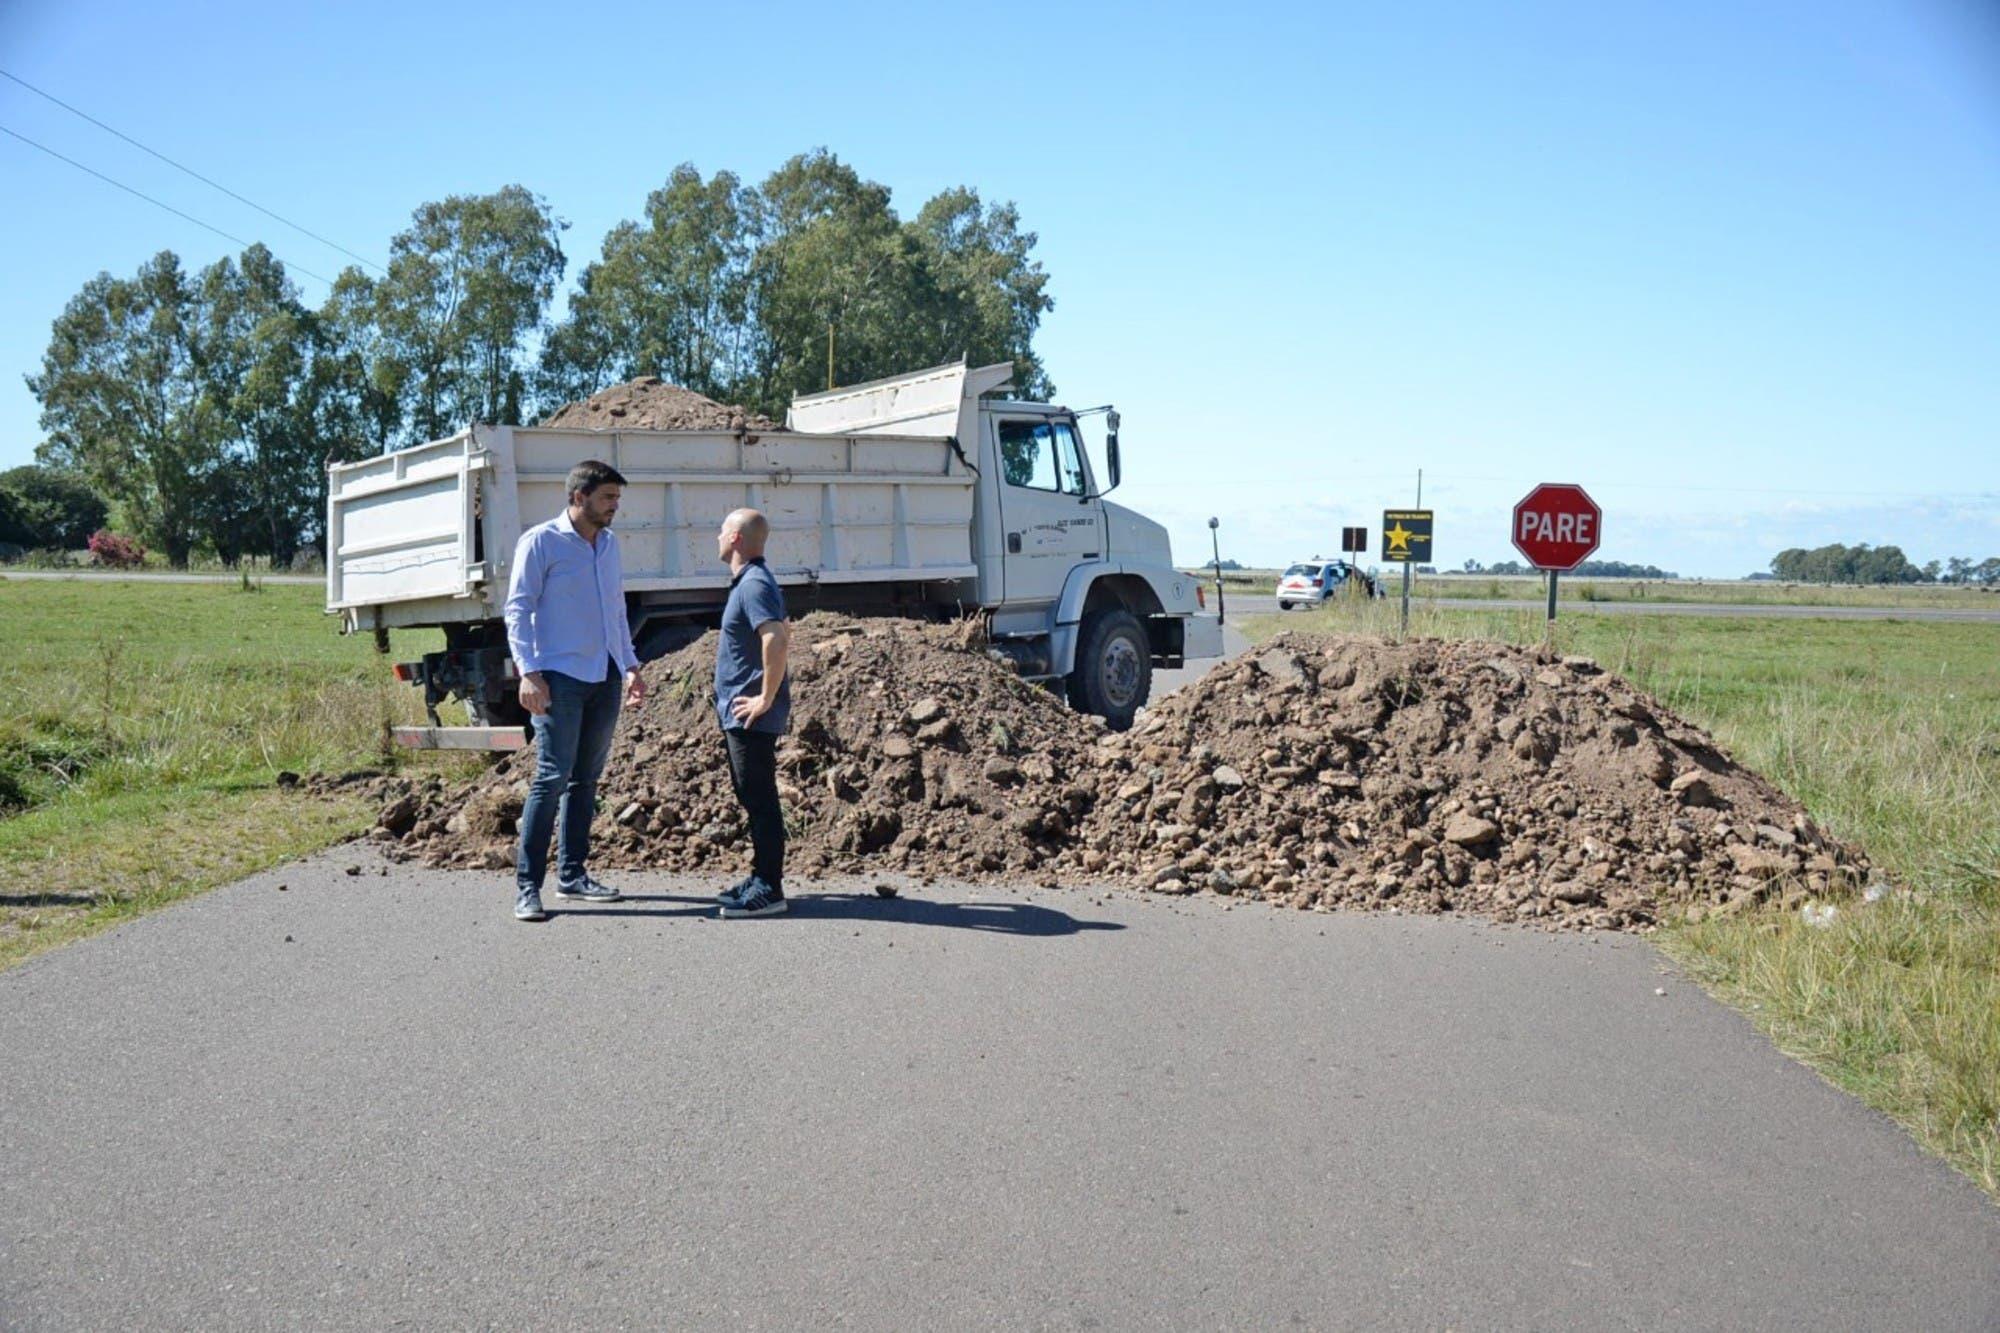 Más municipios bonaerenses cierran accesos y productores advierten que está en riesgo la seguridad alimentaria